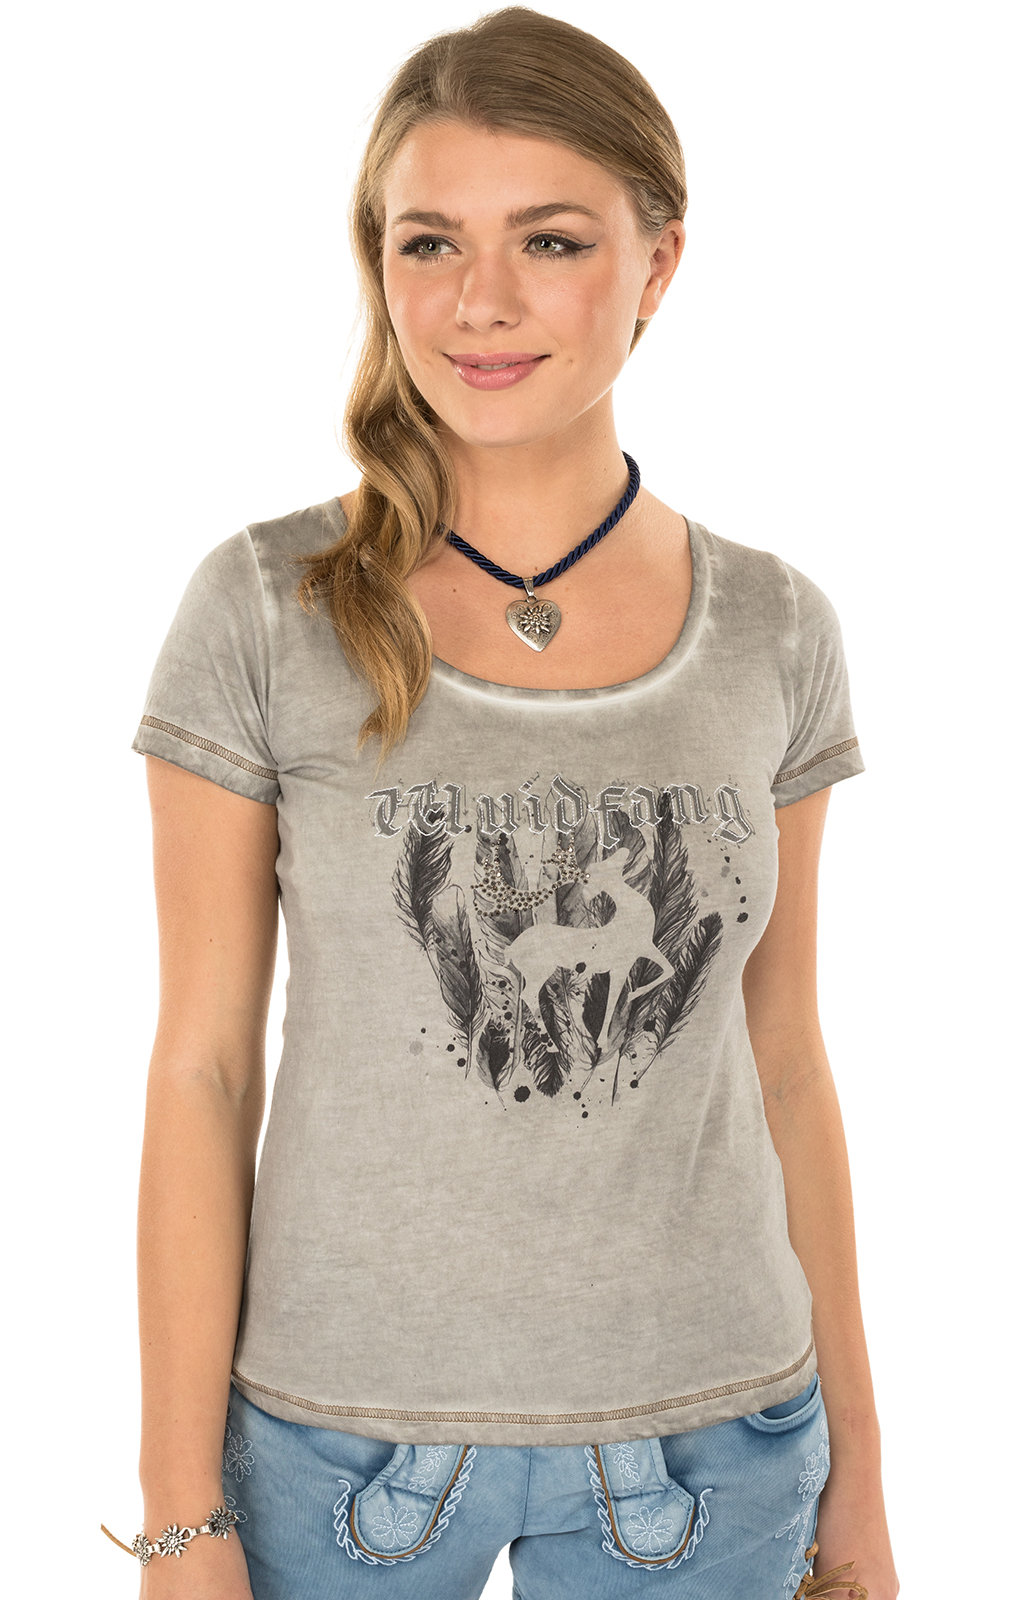 Trachten Shirt K02-SILBERHIRSCH gray von Marjo